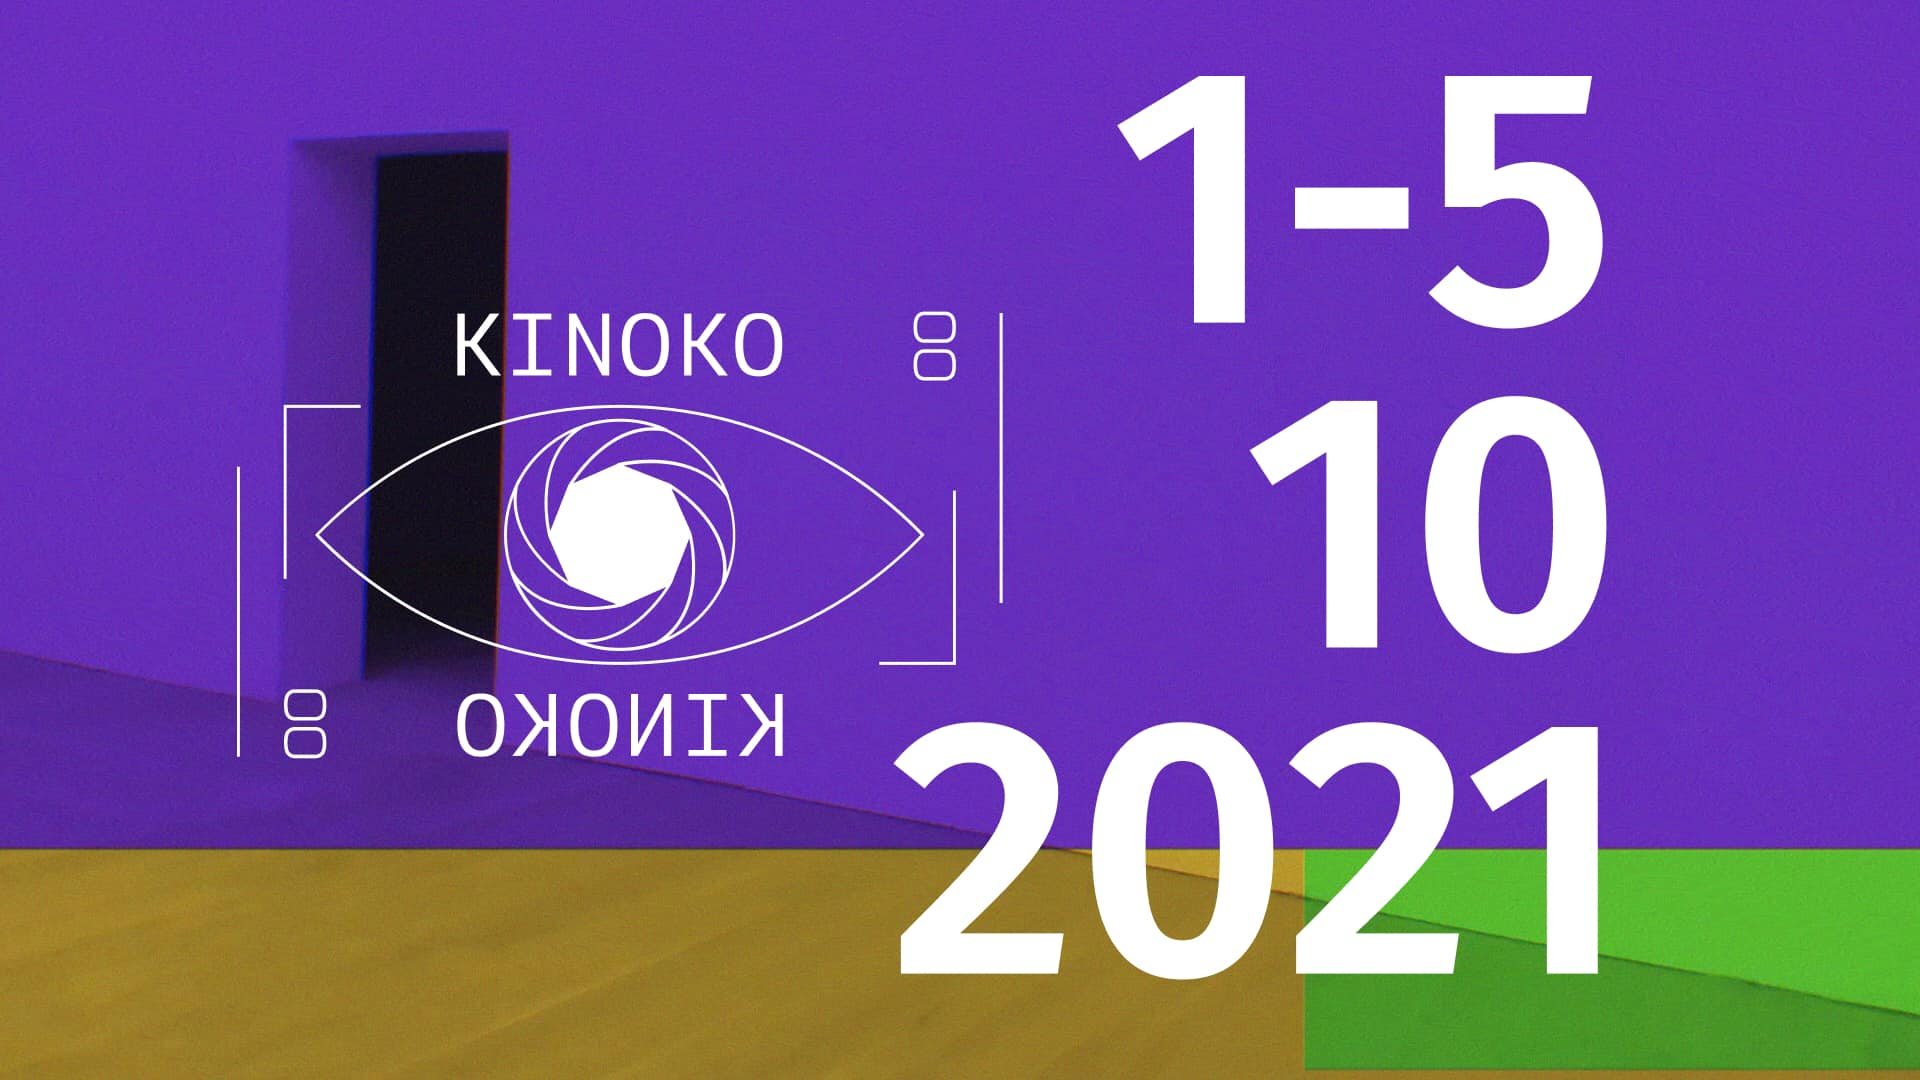 Фестиваль КІНОКО оголошує прийом робіт на конкурс